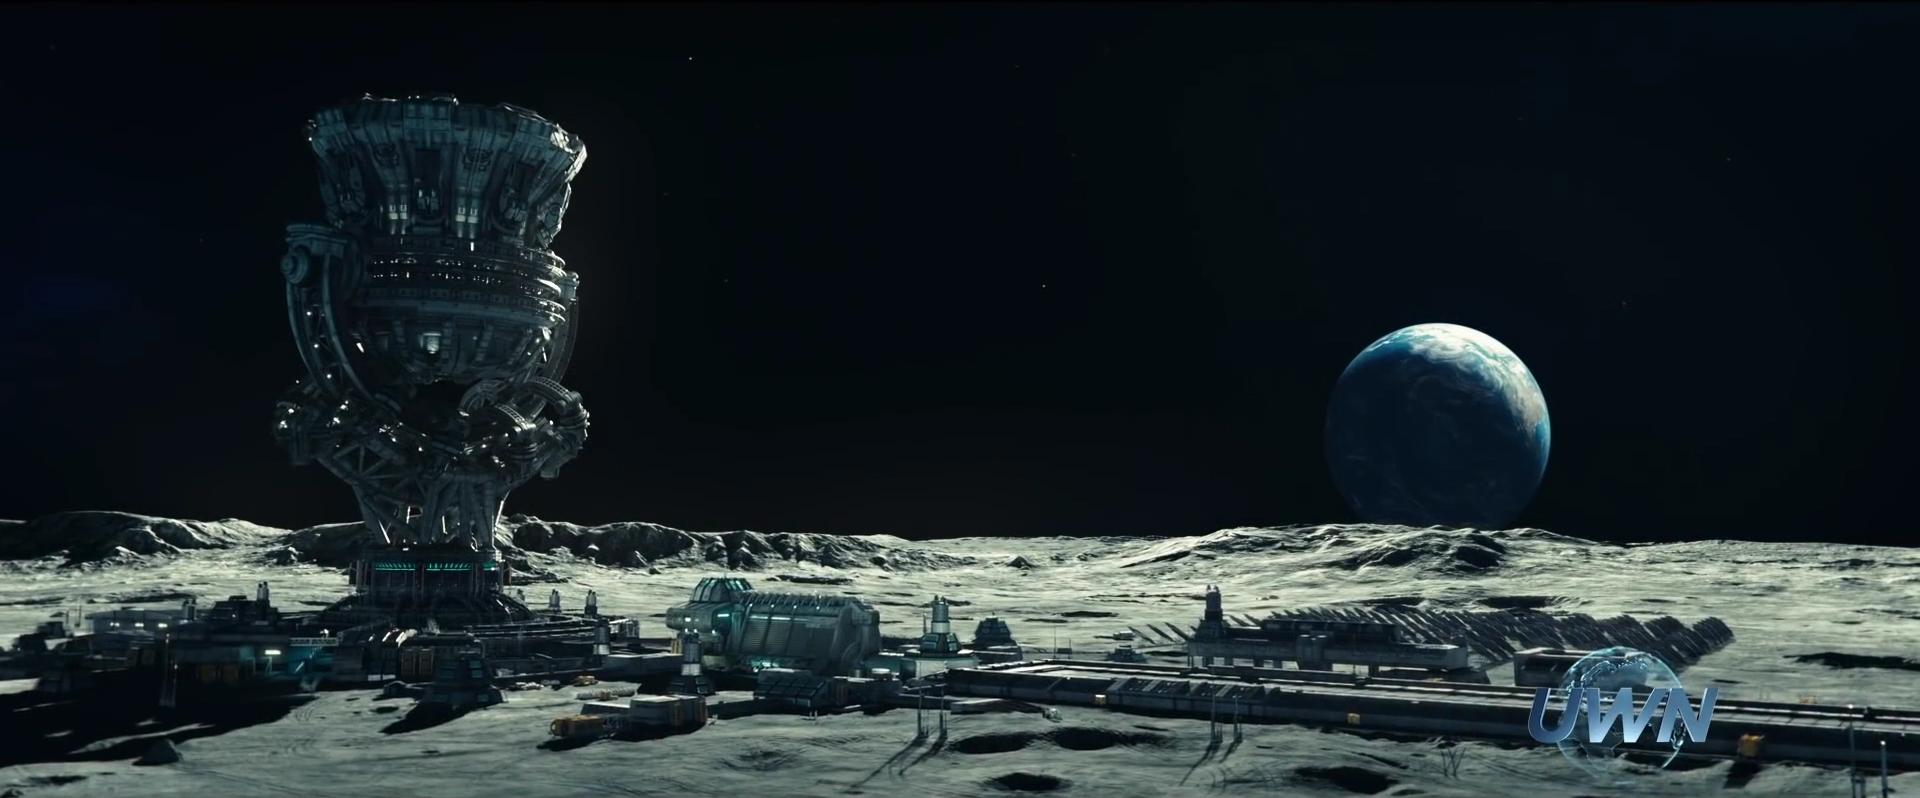 moon base or mars base - photo #30